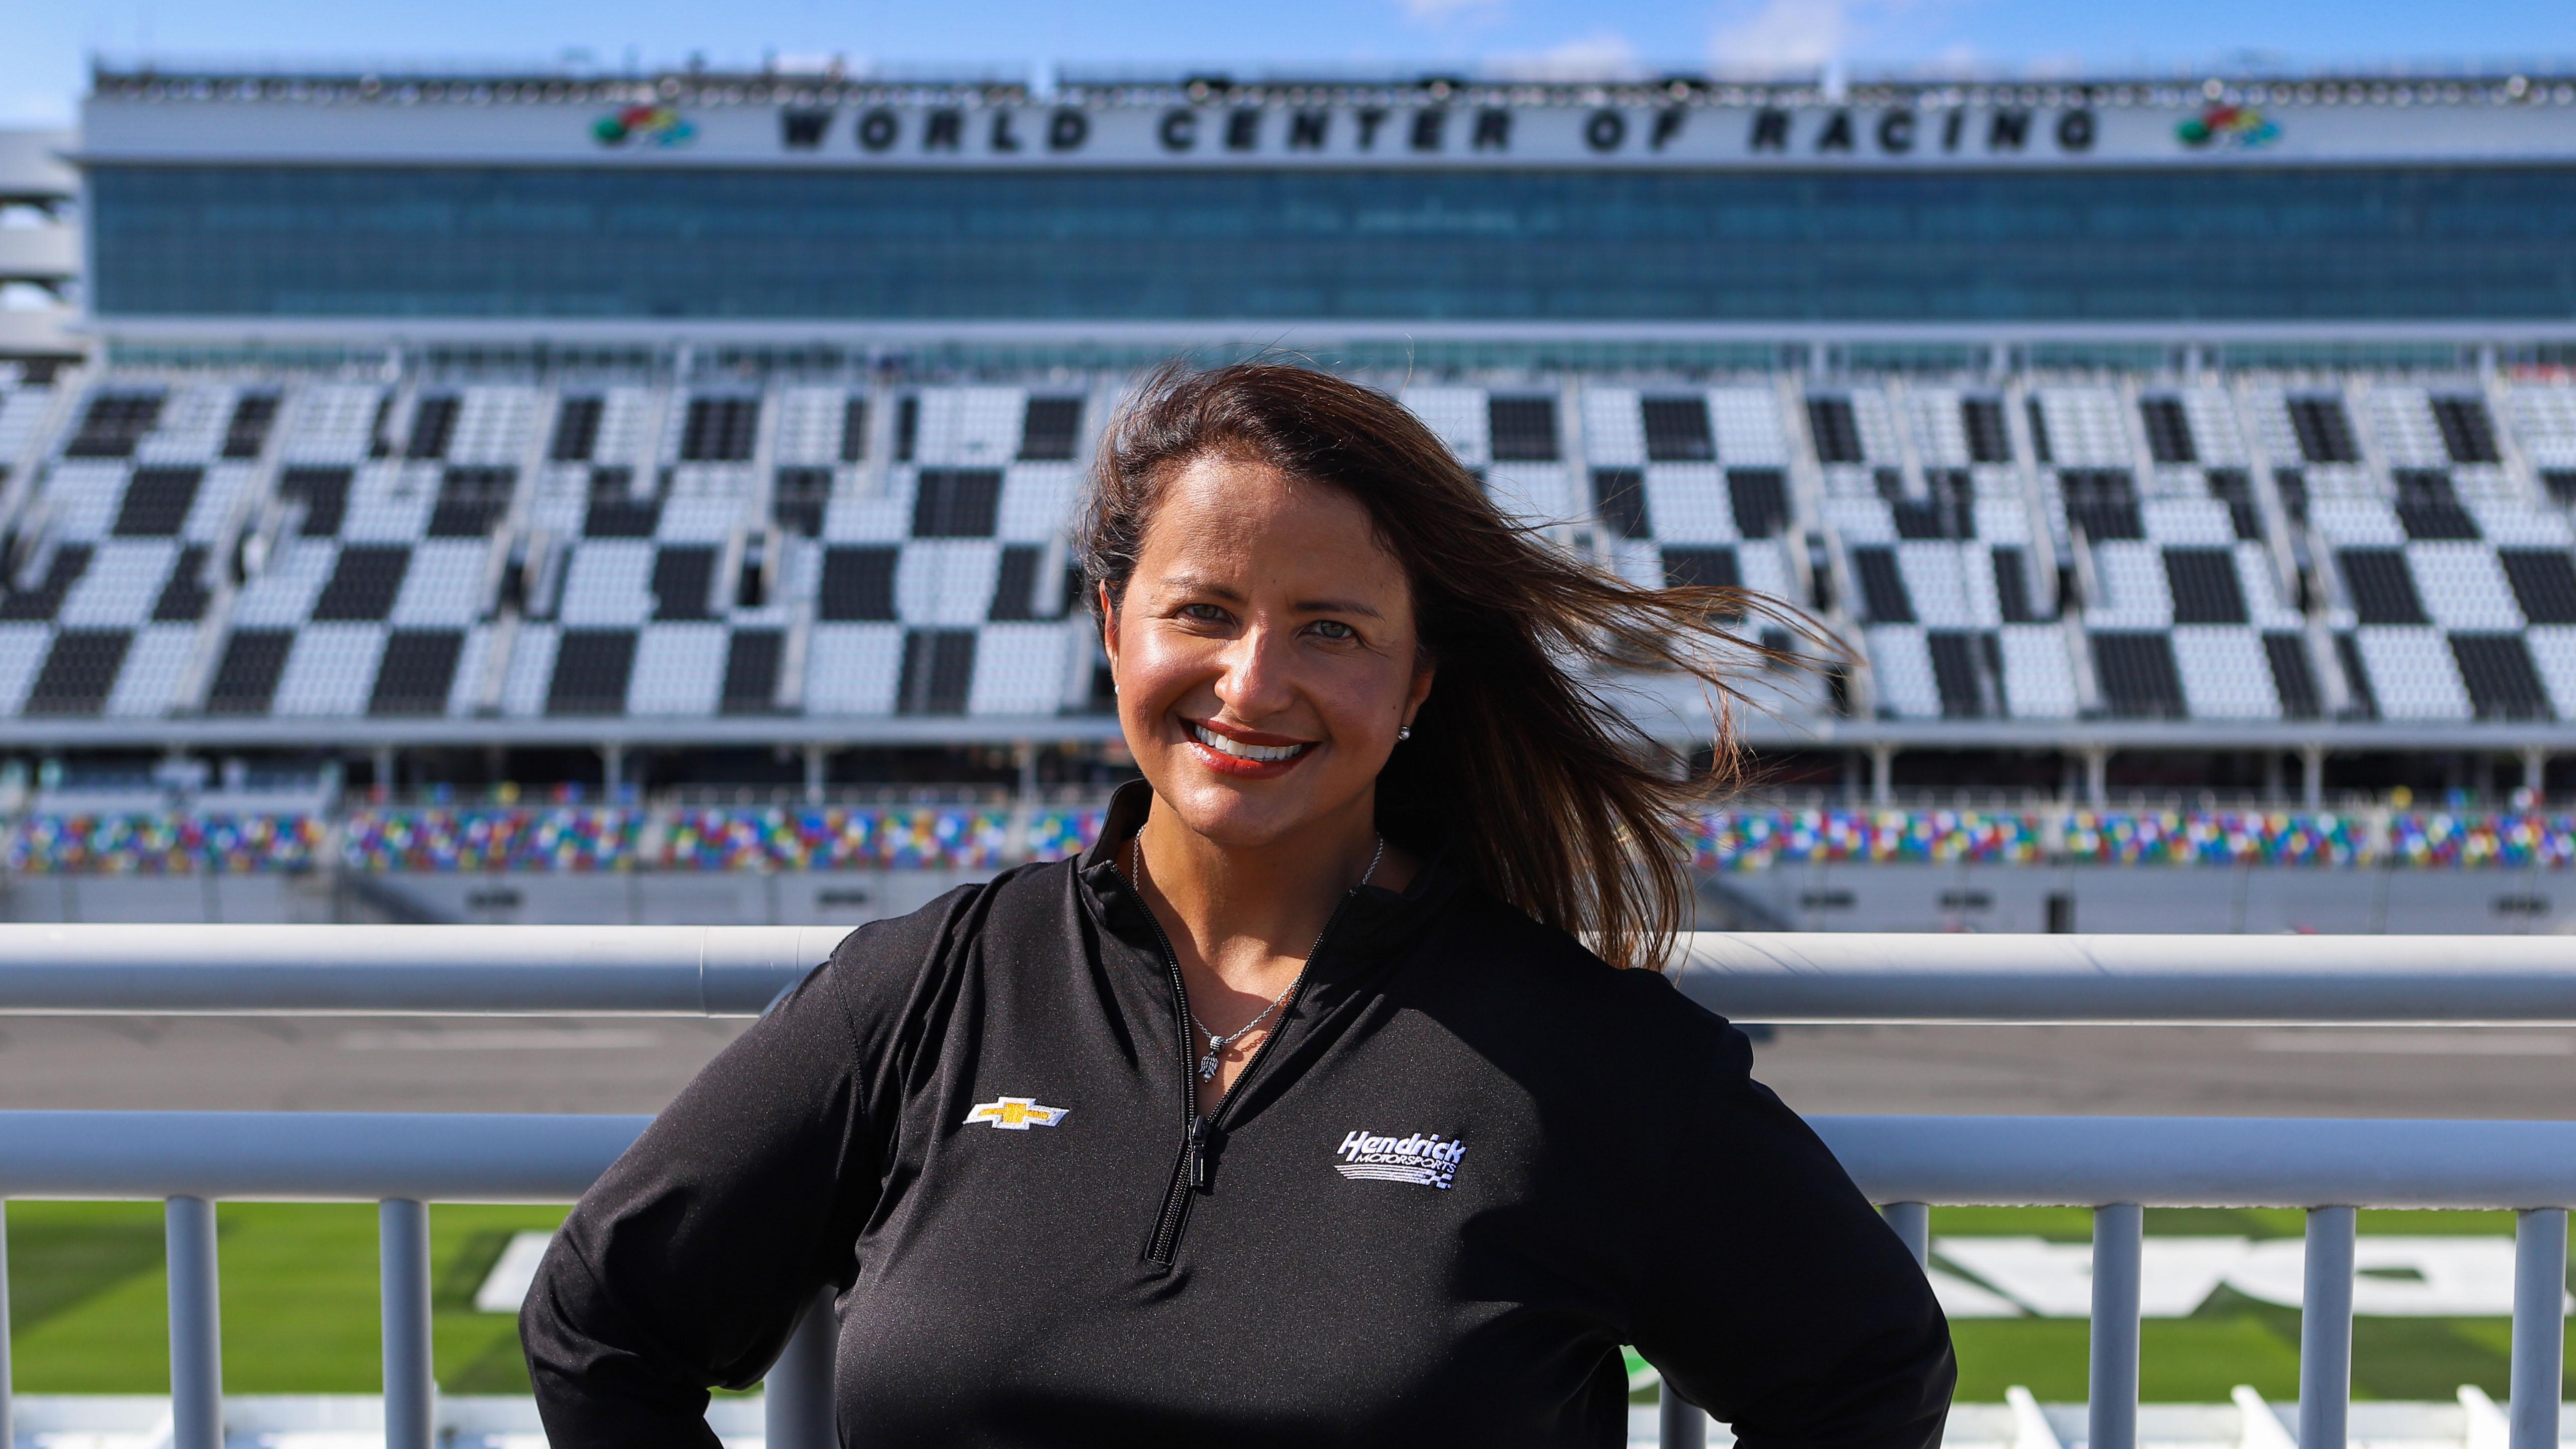 Alba Colón, boricua detrás de las victorias de Hendrick Motorsports en NASCAR